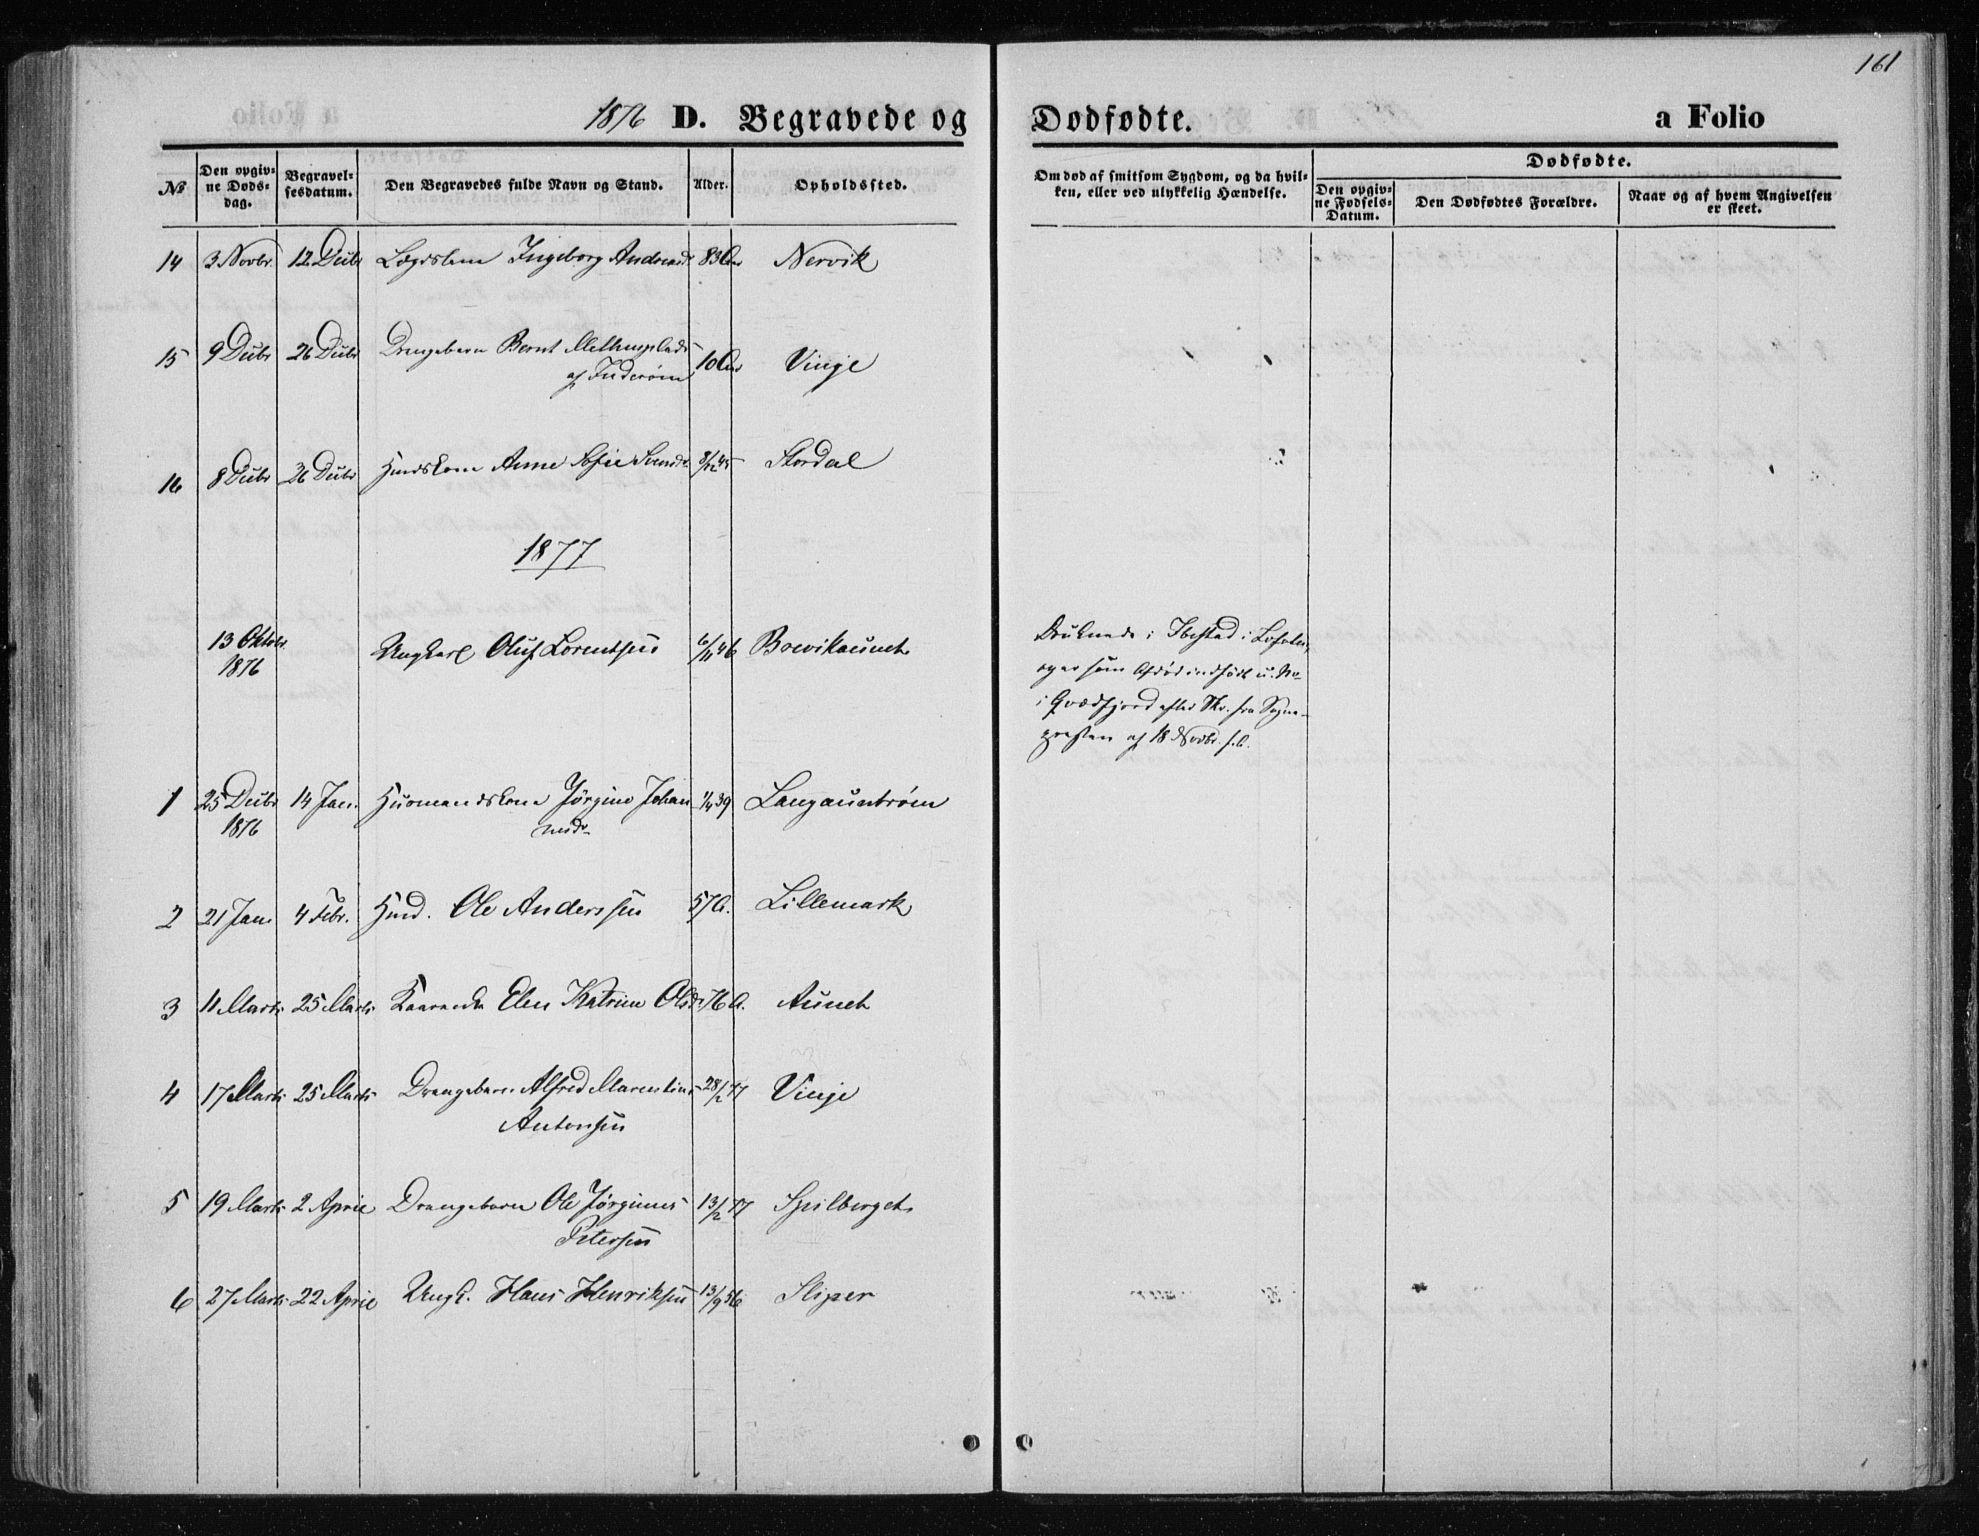 SAT, Ministerialprotokoller, klokkerbøker og fødselsregistre - Nord-Trøndelag, 733/L0324: Ministerialbok nr. 733A03, 1870-1883, s. 161